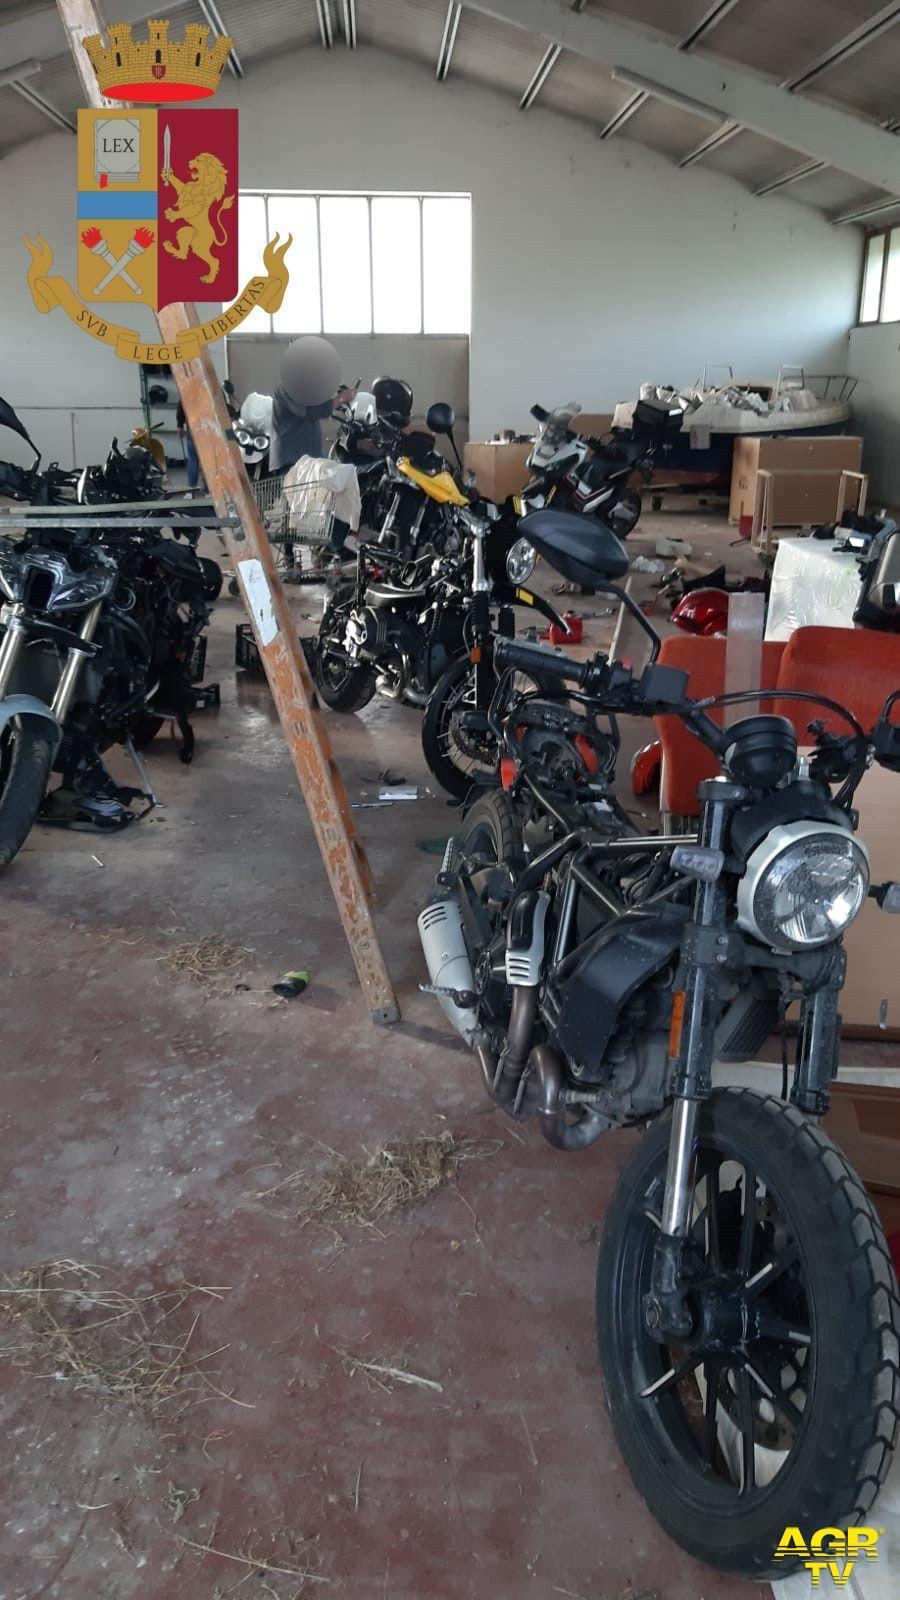 Moto rubate in un capannone, si indaga per trovare i ladri